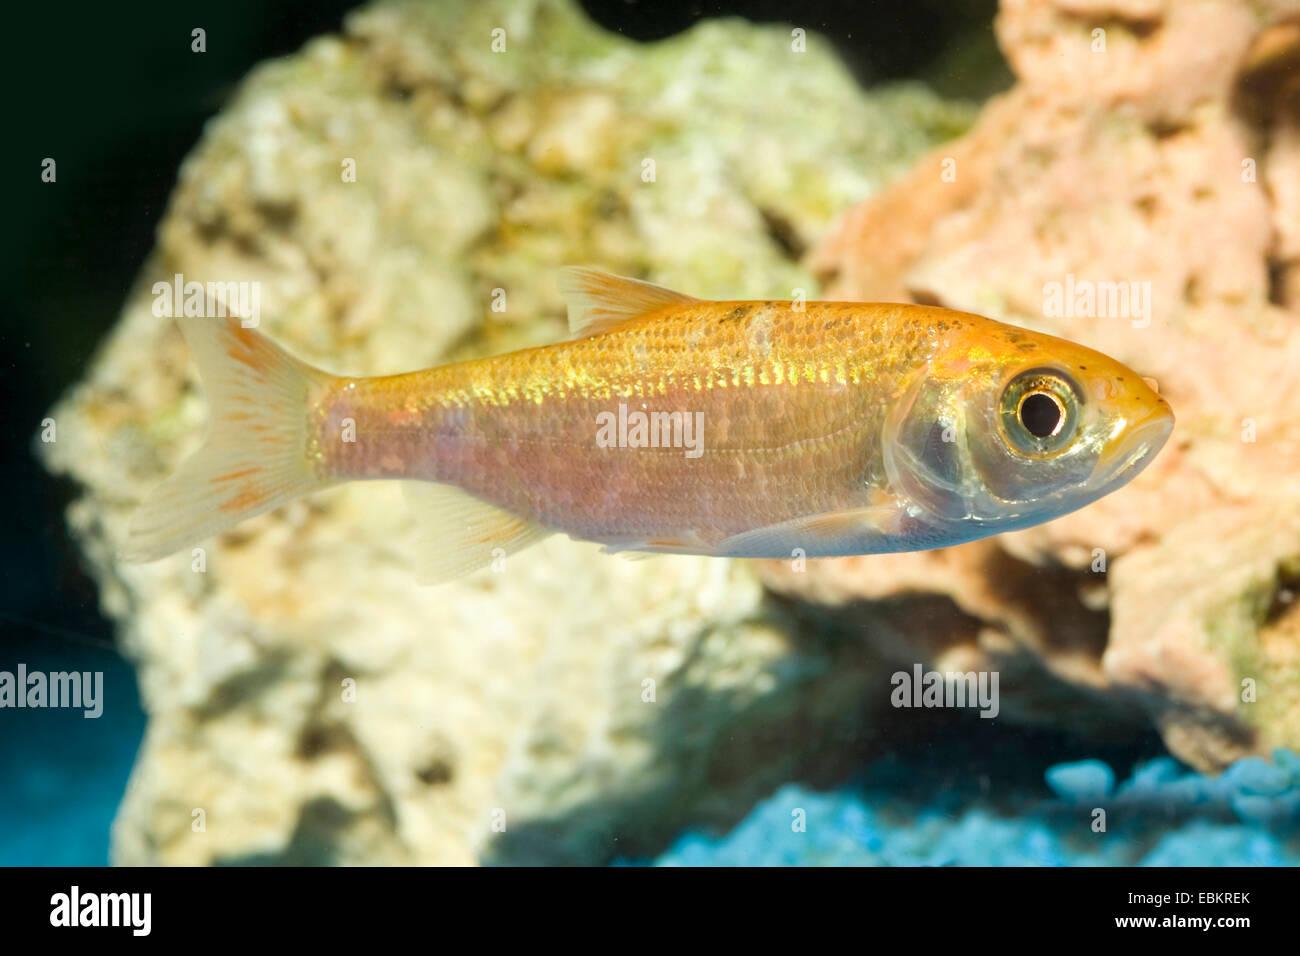 IDE, Orfe (Leuciscus IDU), Zucht Form gold Stockbild